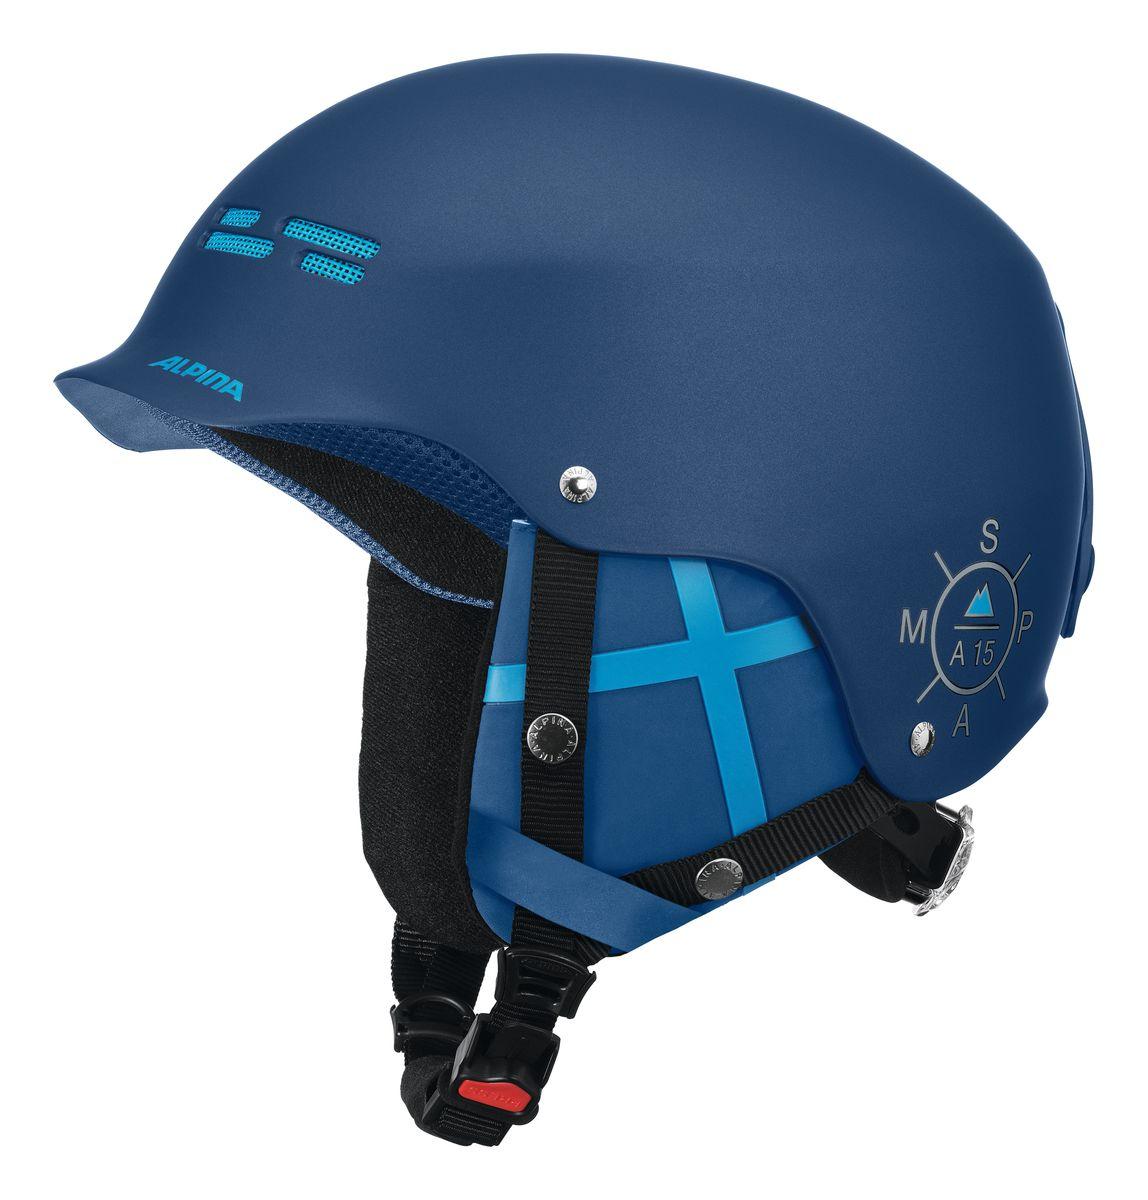 Шлем зимний Alpina Spam Cap, цвет: синий. Размер 54-57. 9033_829062_16HARD SHELL - сочетание ударопрочного внешней оболочки (ABS пластик или поликарбонат) и утепляющей внутренней оболочки (EPS) гарантирует максимальную безопасность.RUN SYSTEM ERGO SNOW – гибкая система настройки шлема, оснащённая удобной ручкой, оснащенная двумя дополнительными подушками-уплотнителями для сокращения давления VENTING SYSTEM – особые вентиляционные отверстия для отведения излишнего тепла и поддержания оптимальной температурыREMOVABLE EARPADS - съемные амбушюры добавляют чувства свободы во время катания в теплую погоду, не в ущерб безопасности. При падении температуры, амбушюры легко устанавливаются обратно на шлем.